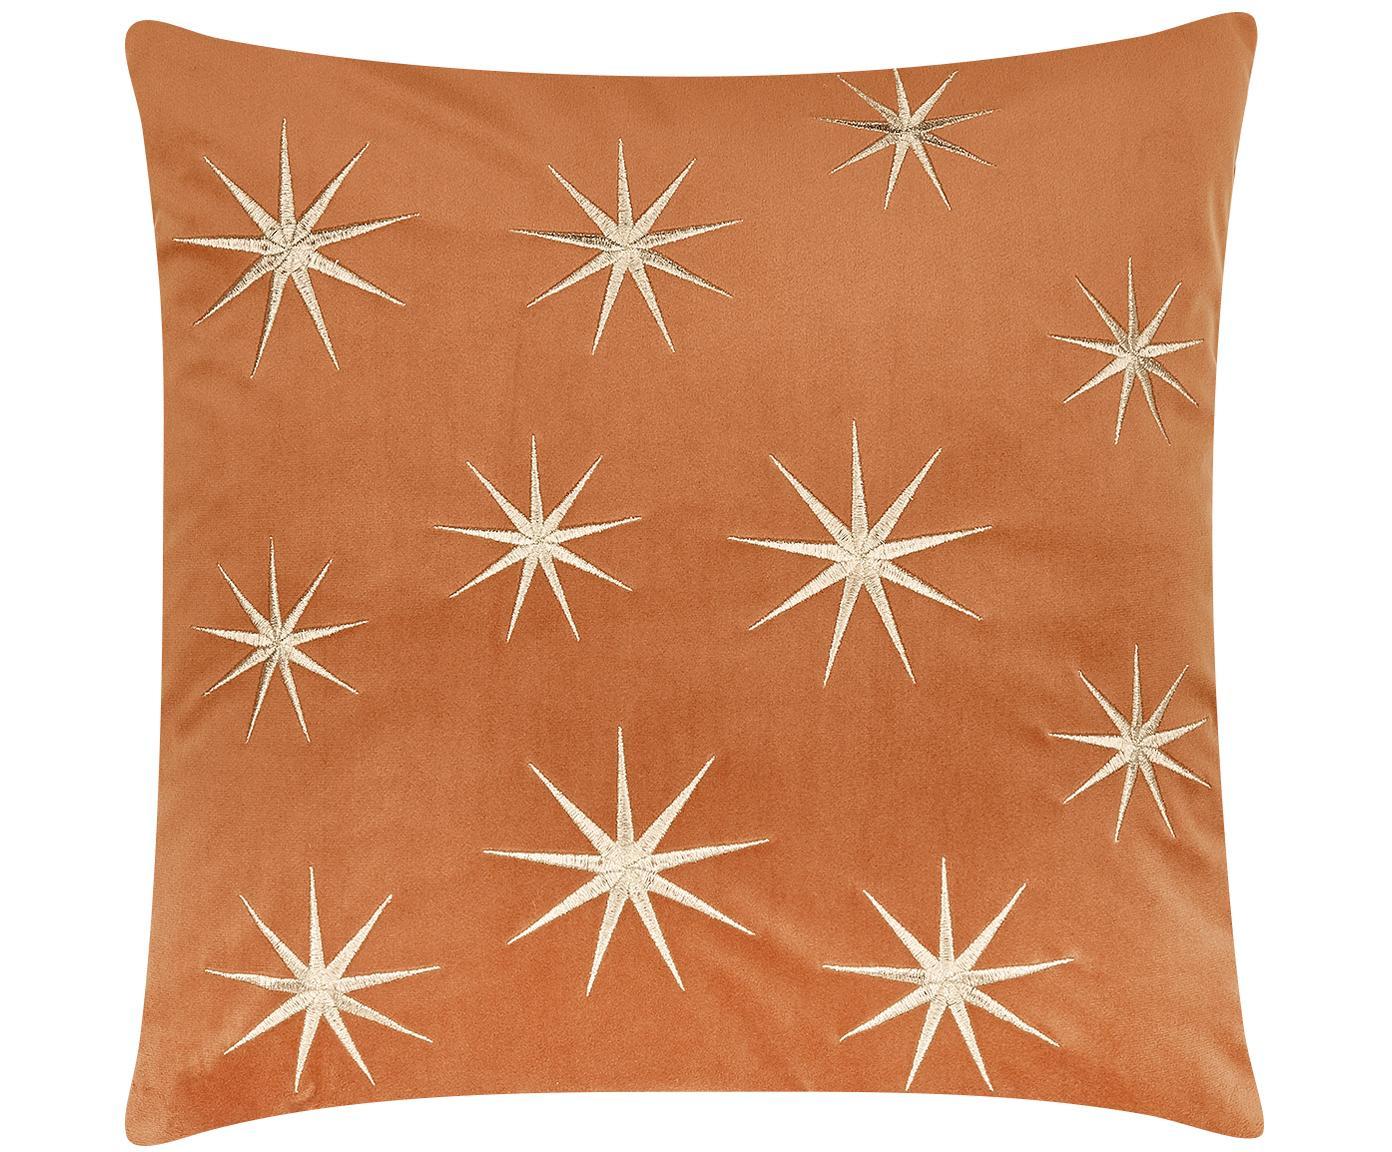 Wyszywana poszewka na poduszkę z aksamitu Stars, Pomarańczowy, S 45 x D 45 cm